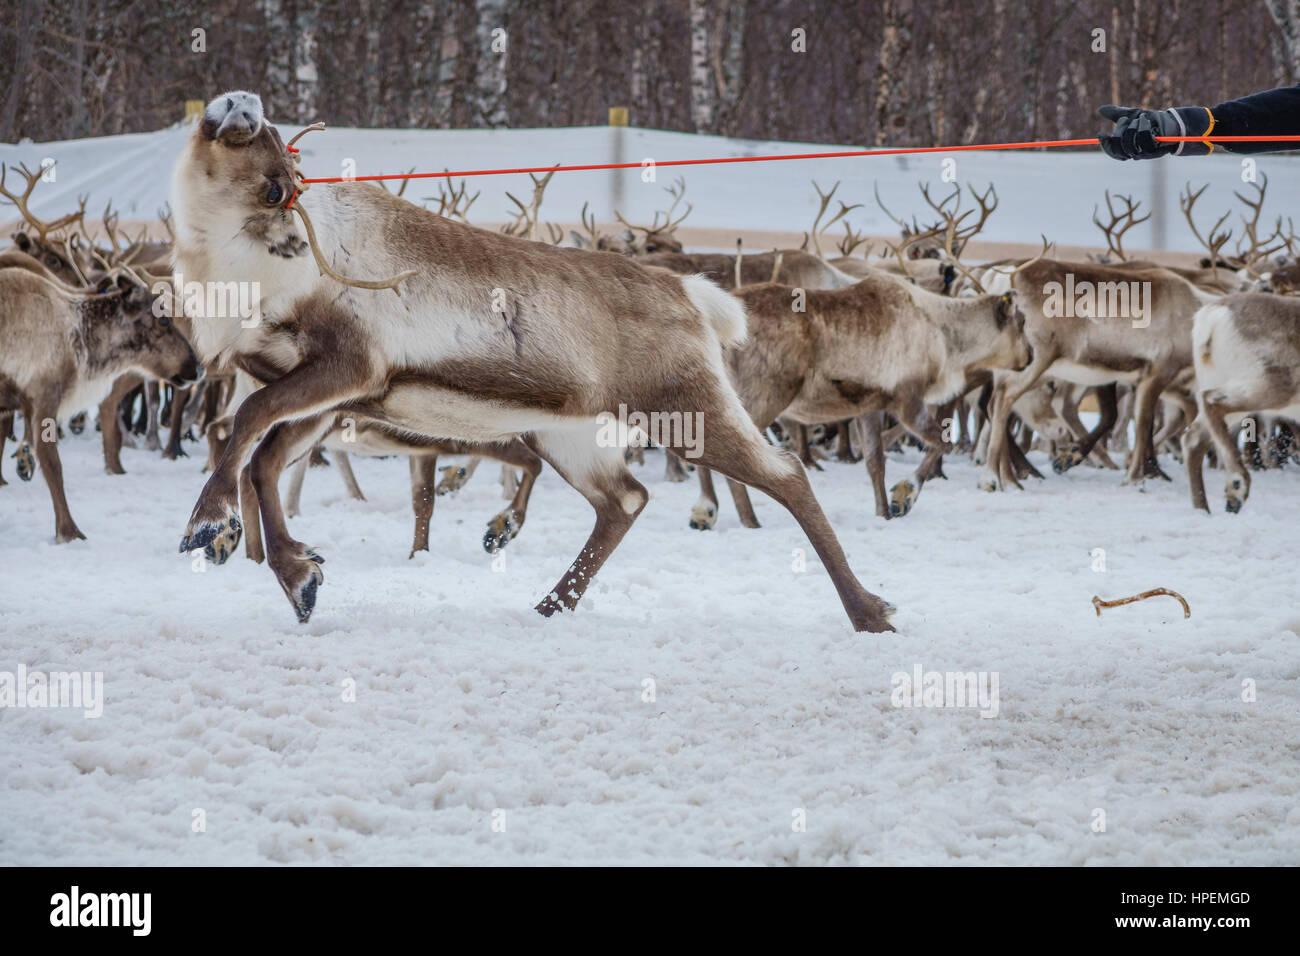 Reindeer herd, Reindeer herding, The Laponian Area, a World Heritage Location, Northern Sweden Stock Photo